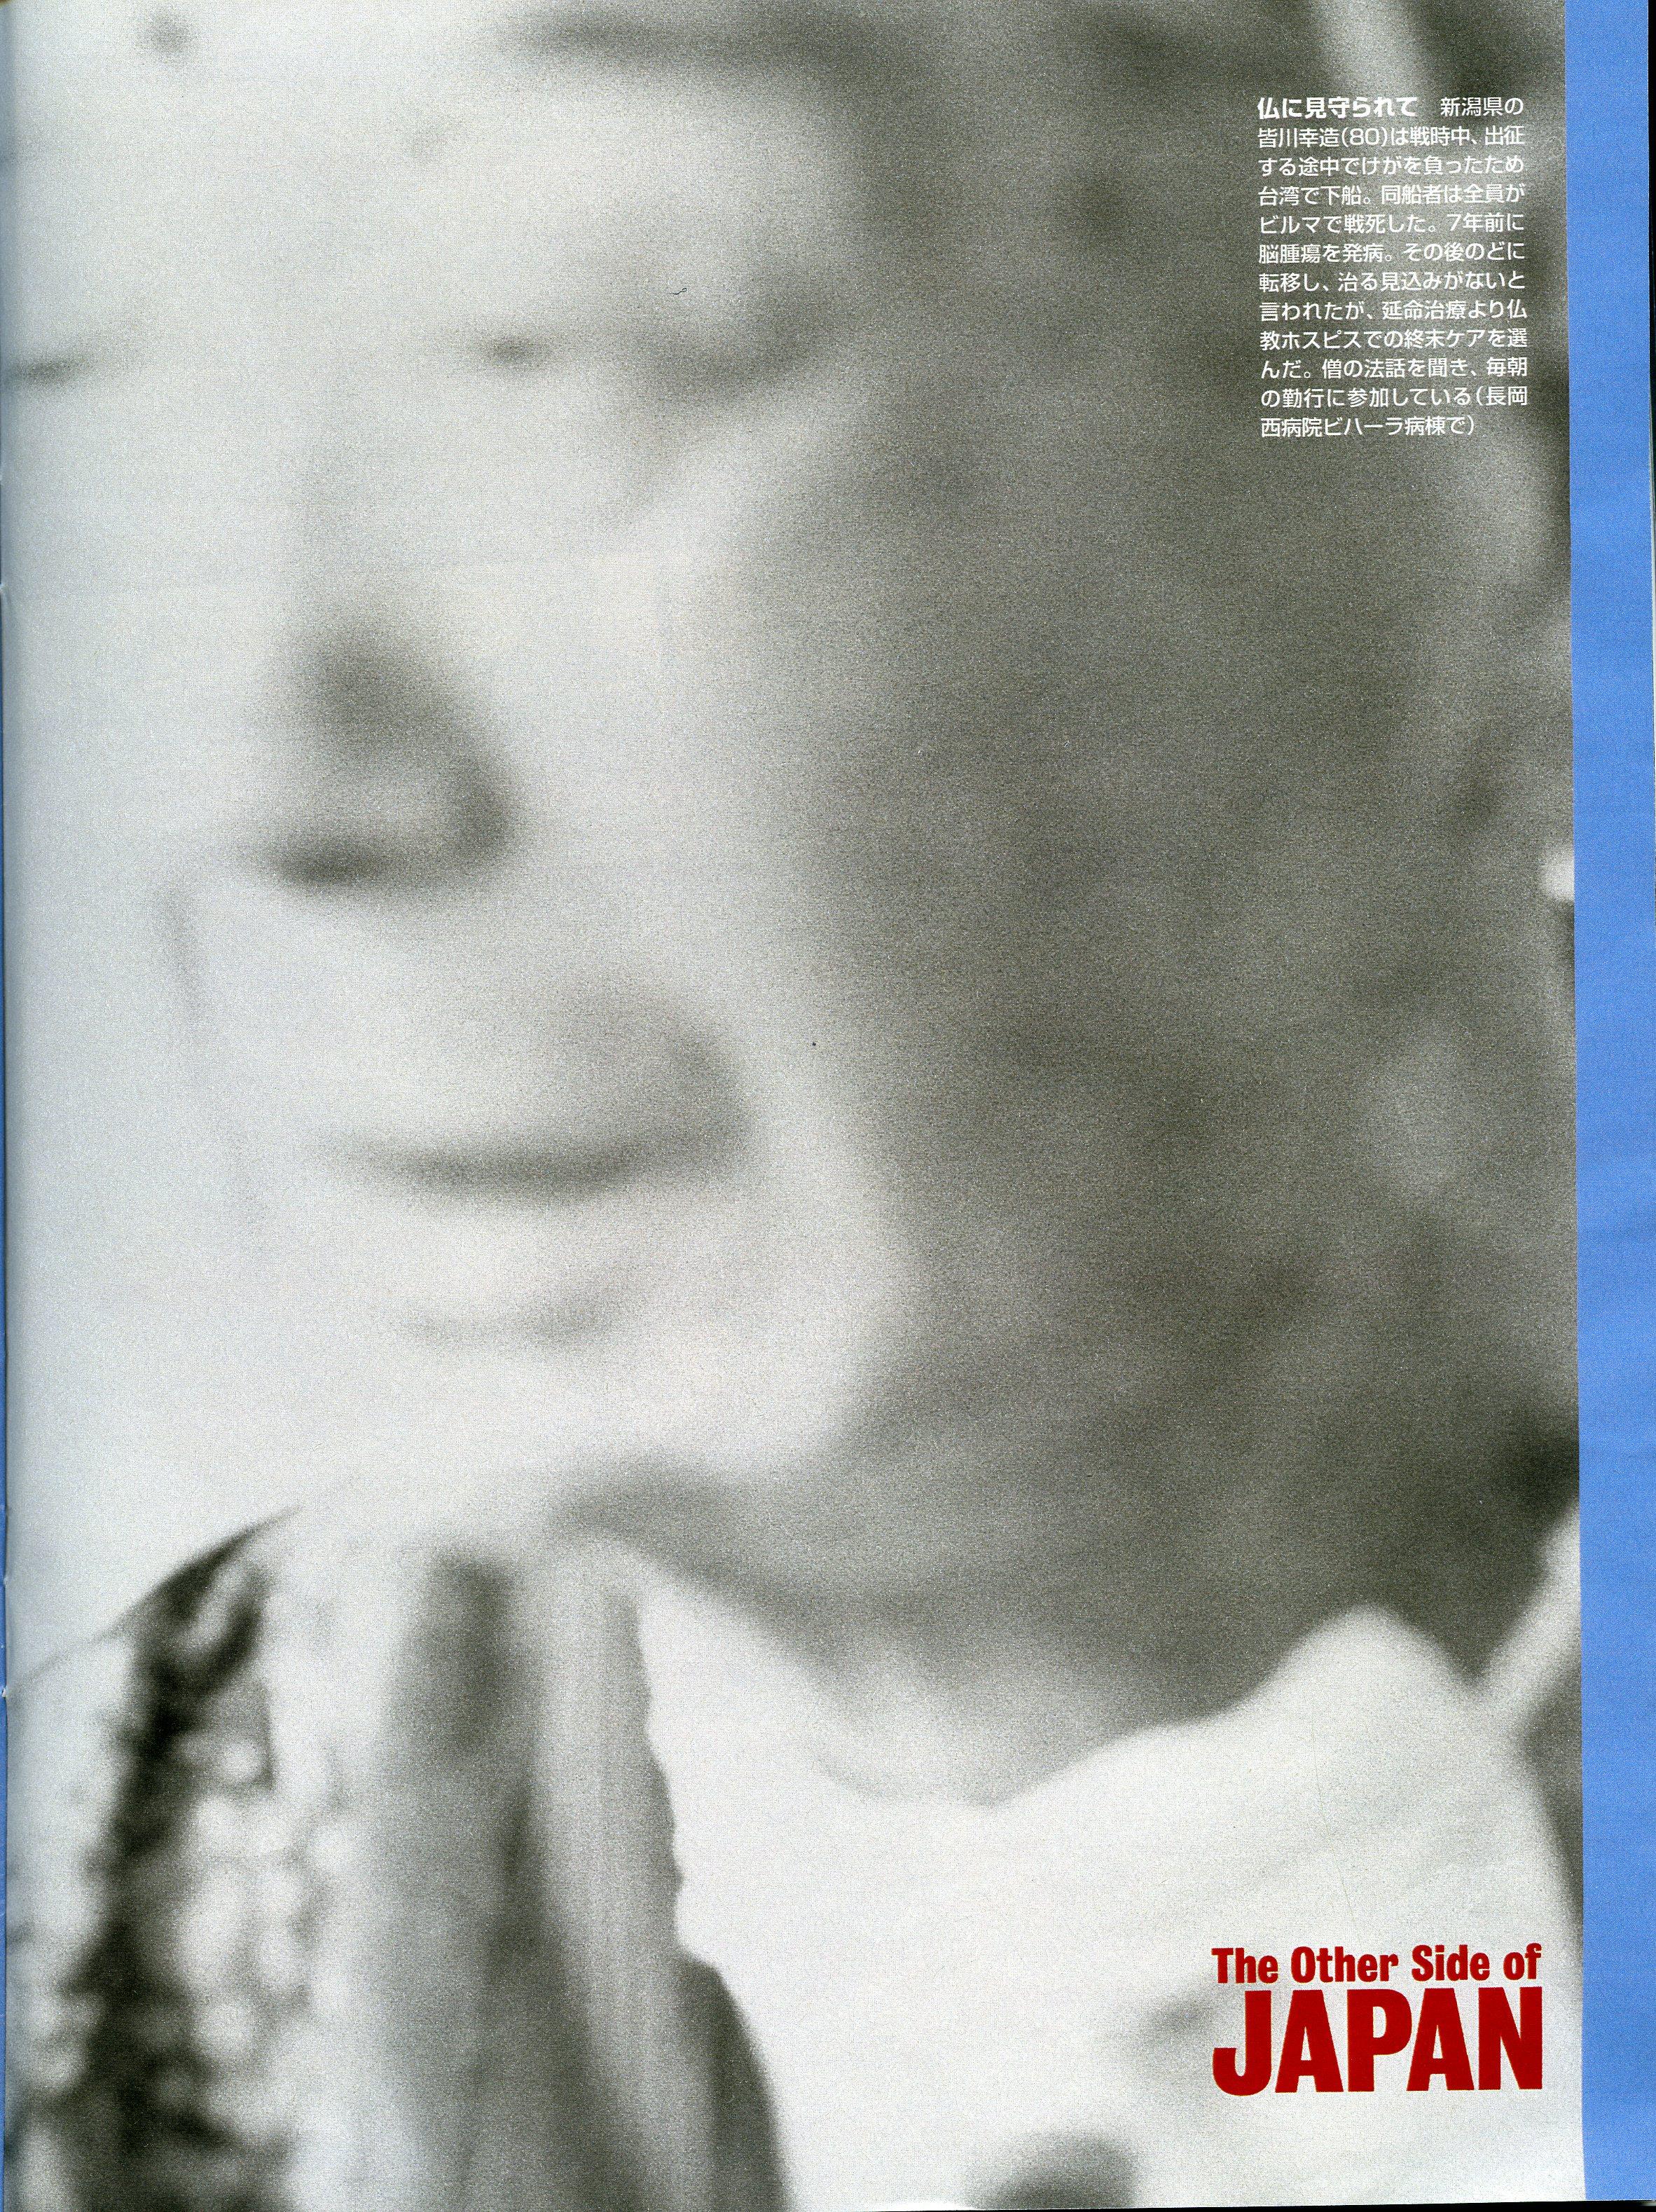 05292002_NEWSWEEK_JAPAN_9.jpg